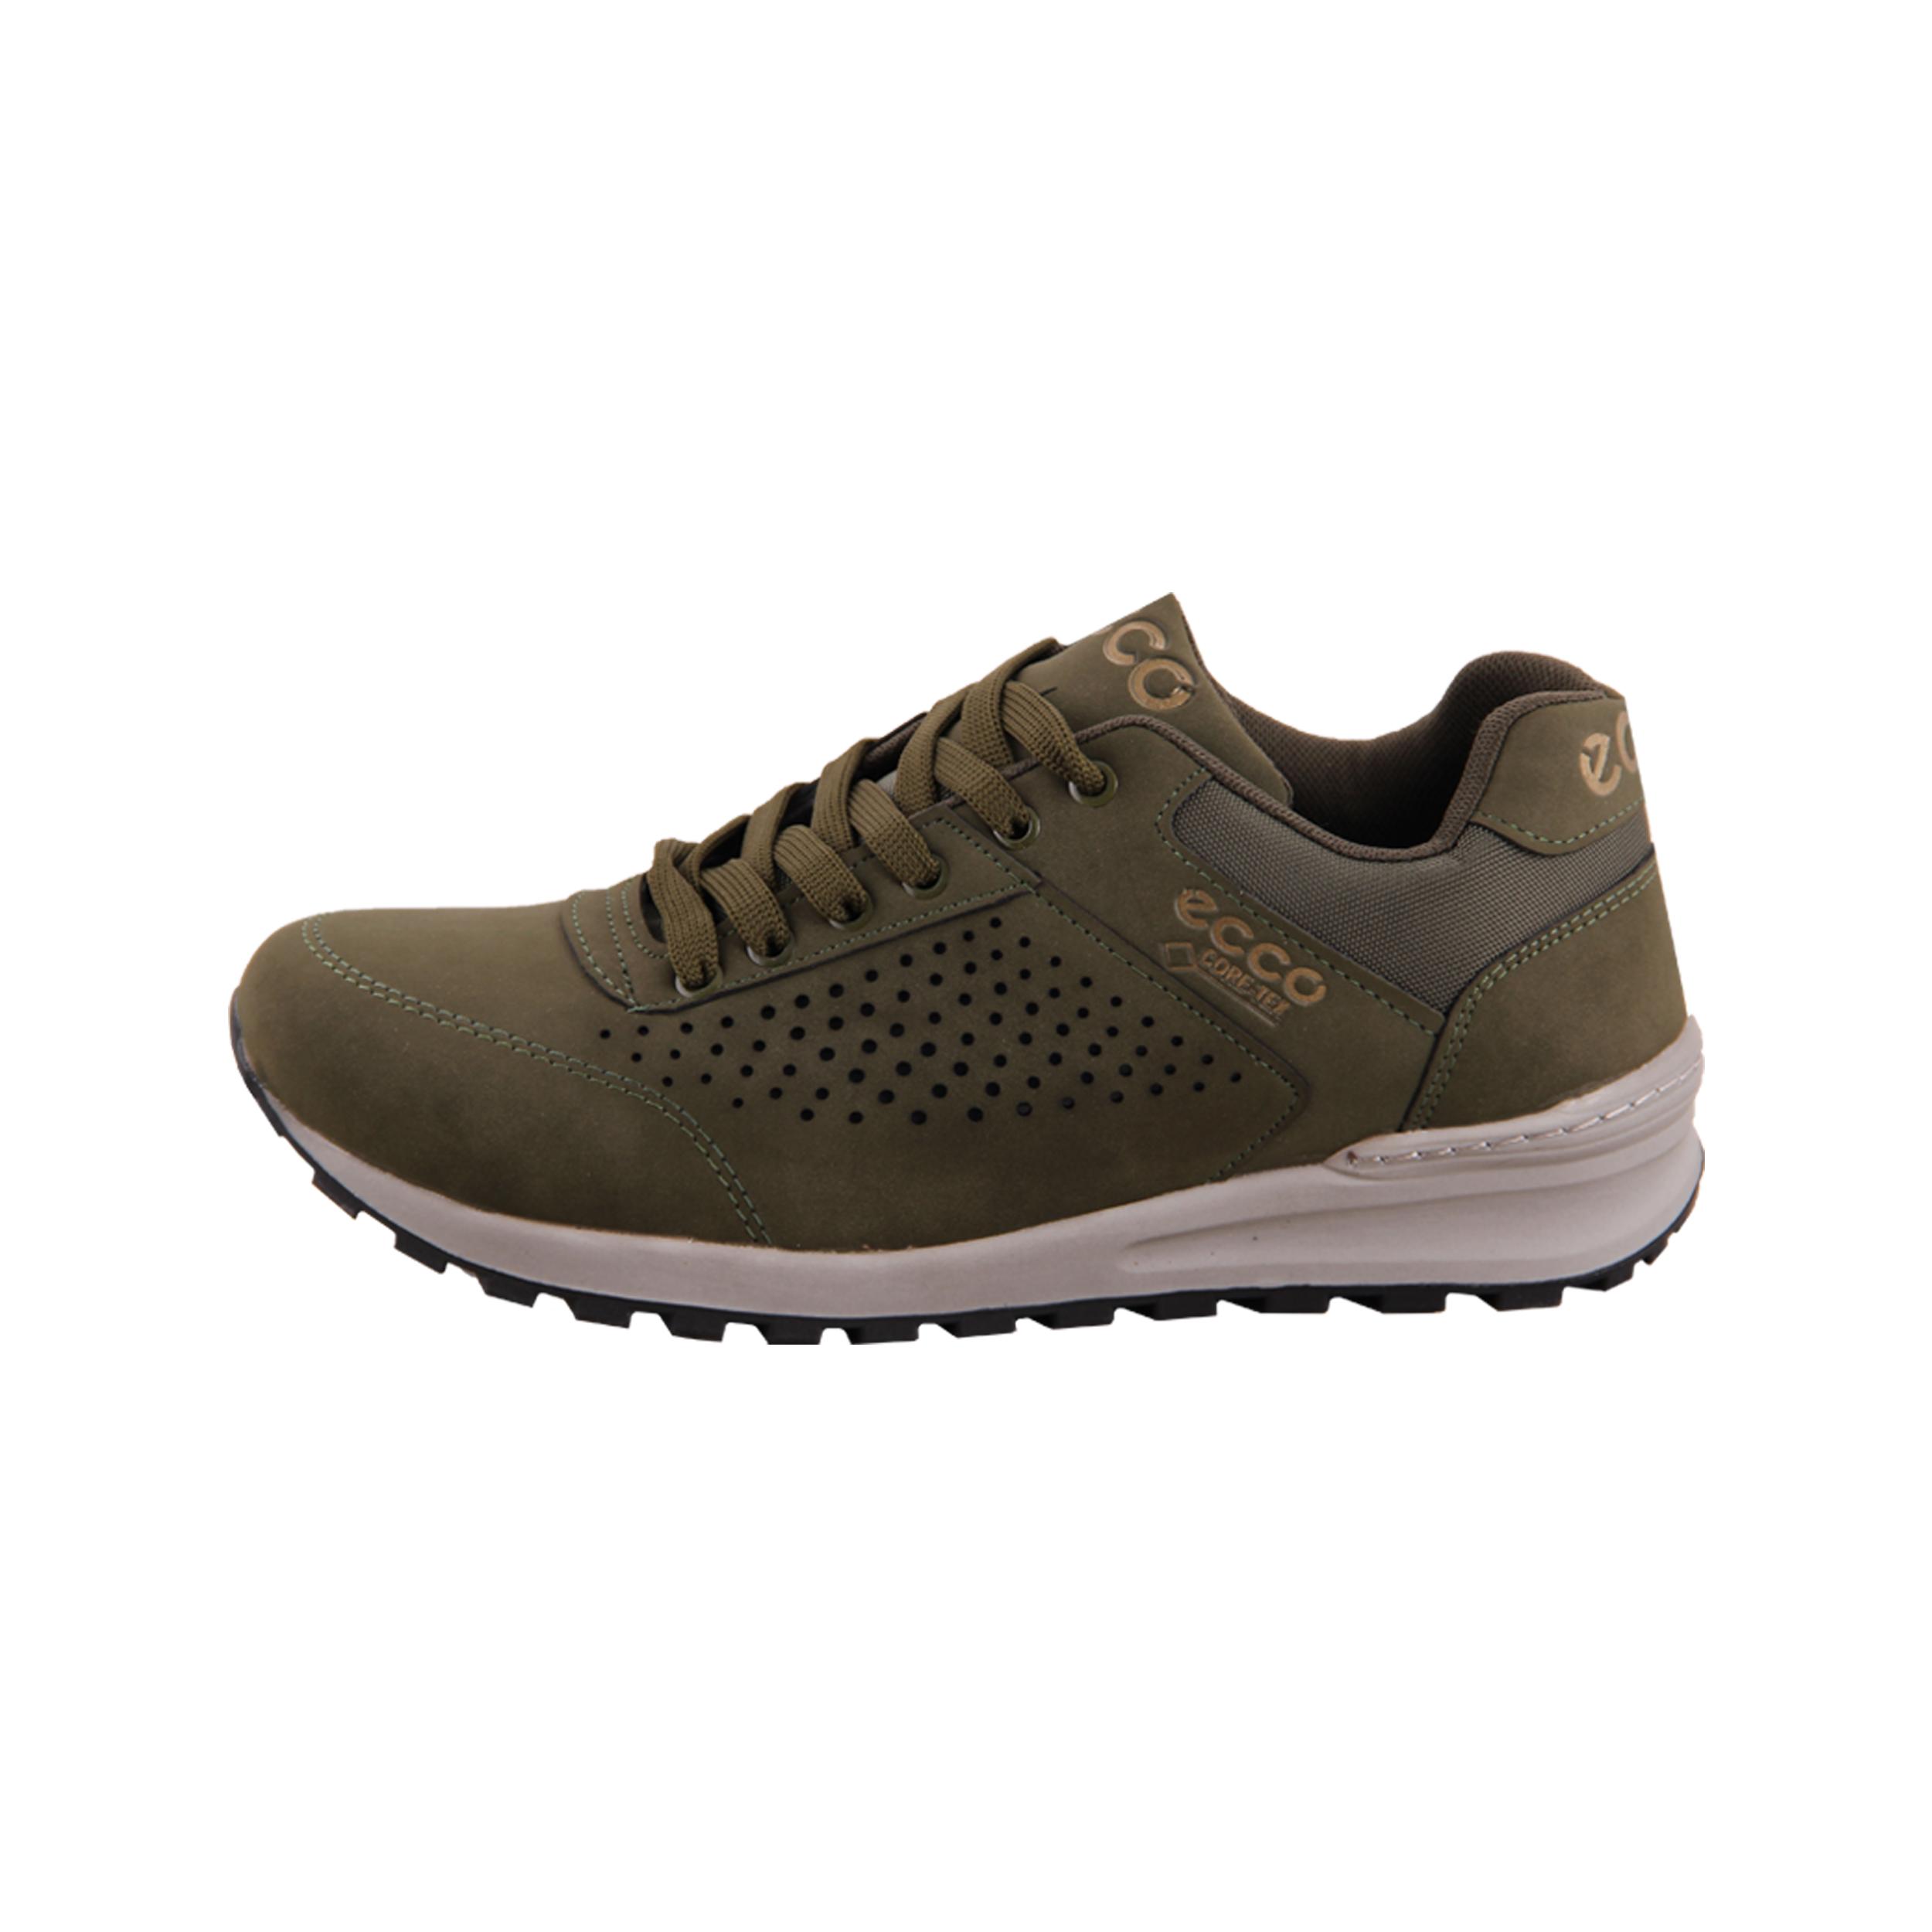 کفش مخصوص پیاده روی مردانه کد 17-39729